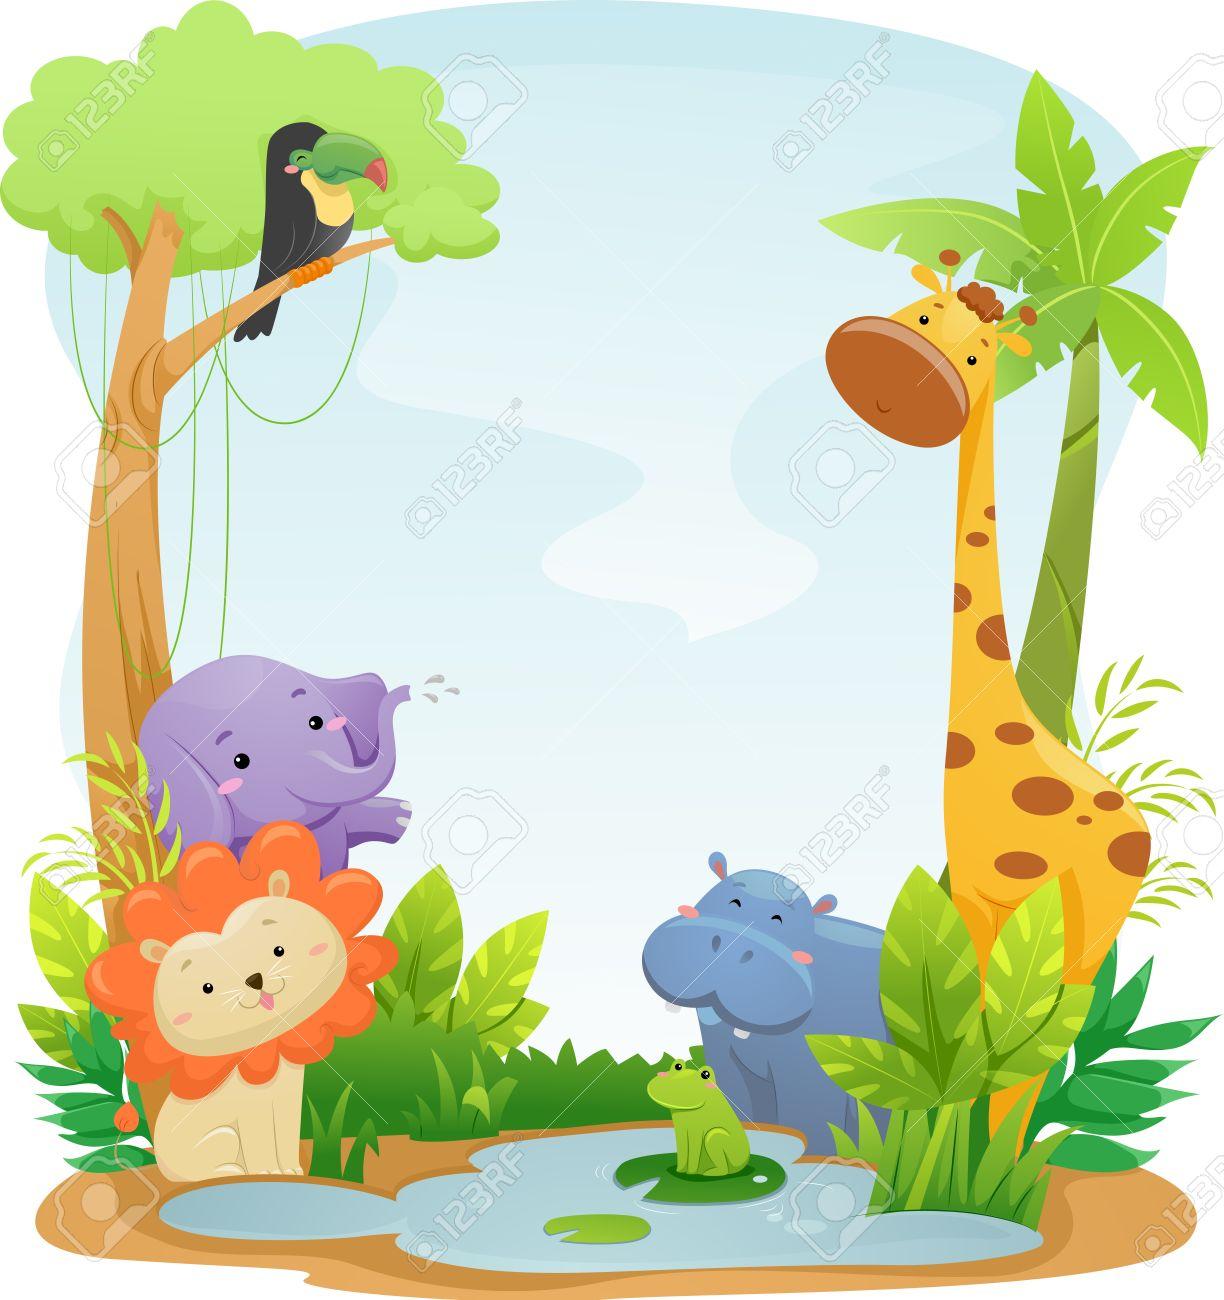 かわいいサファリの動物を集めた背景イラスト ロイヤリティーフリー